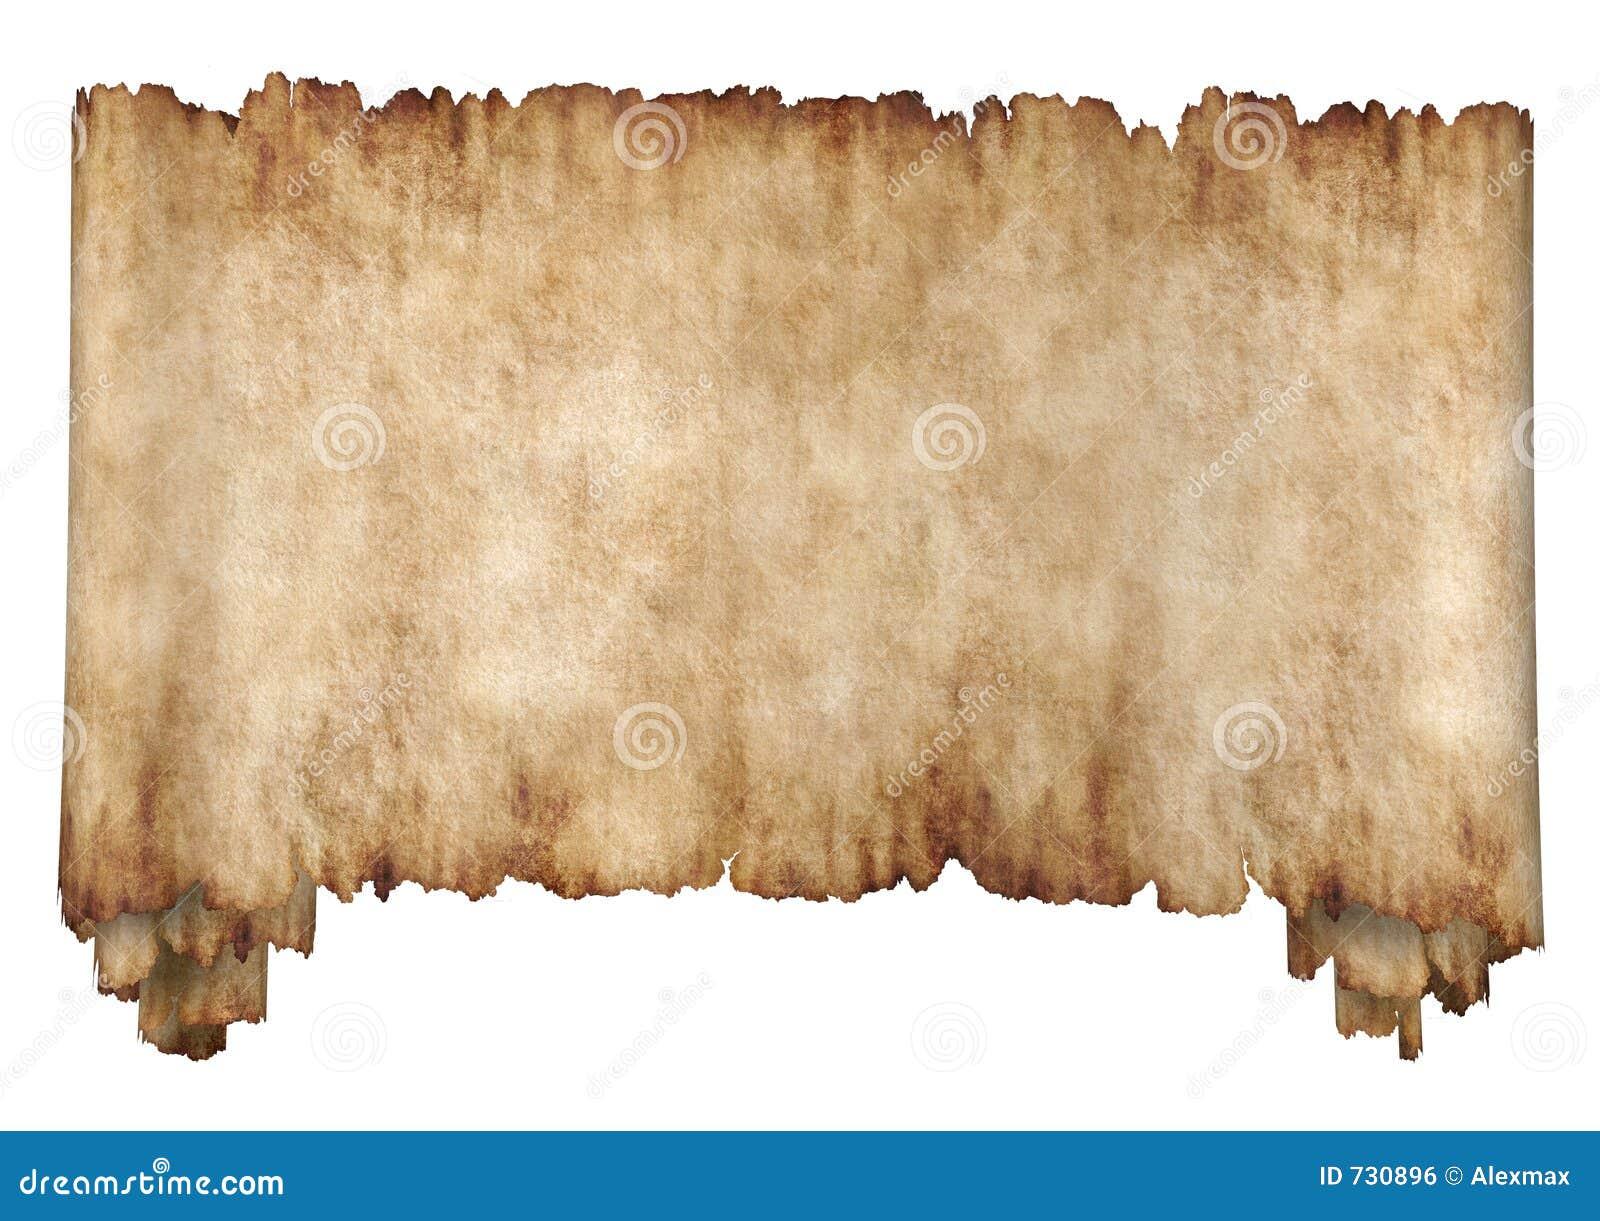 Manuskript 2 horizontal